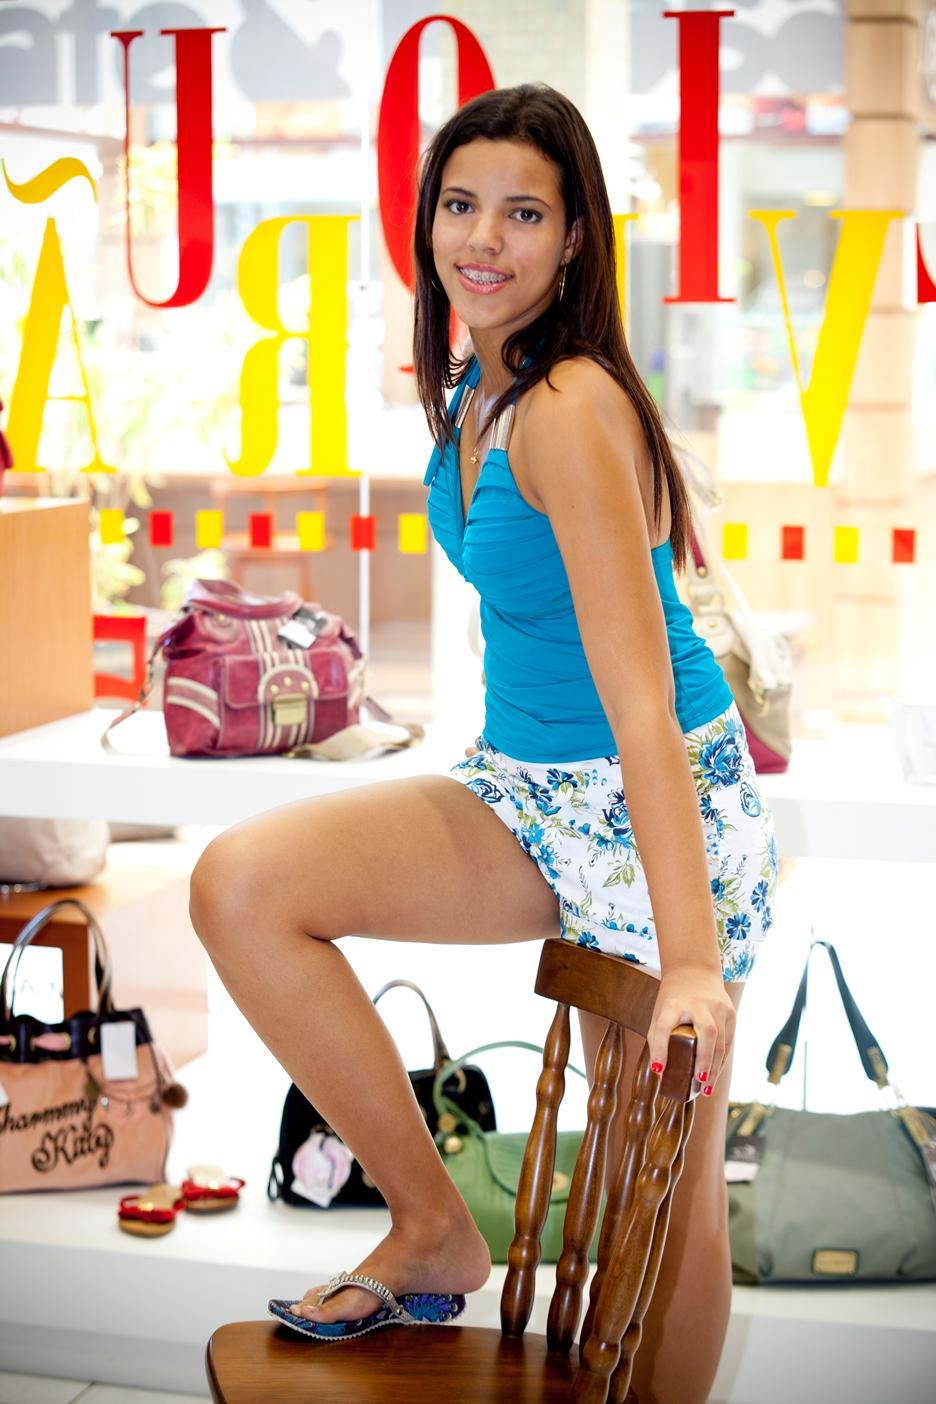 Linda Meninas Novatas Em Aracaju-9785